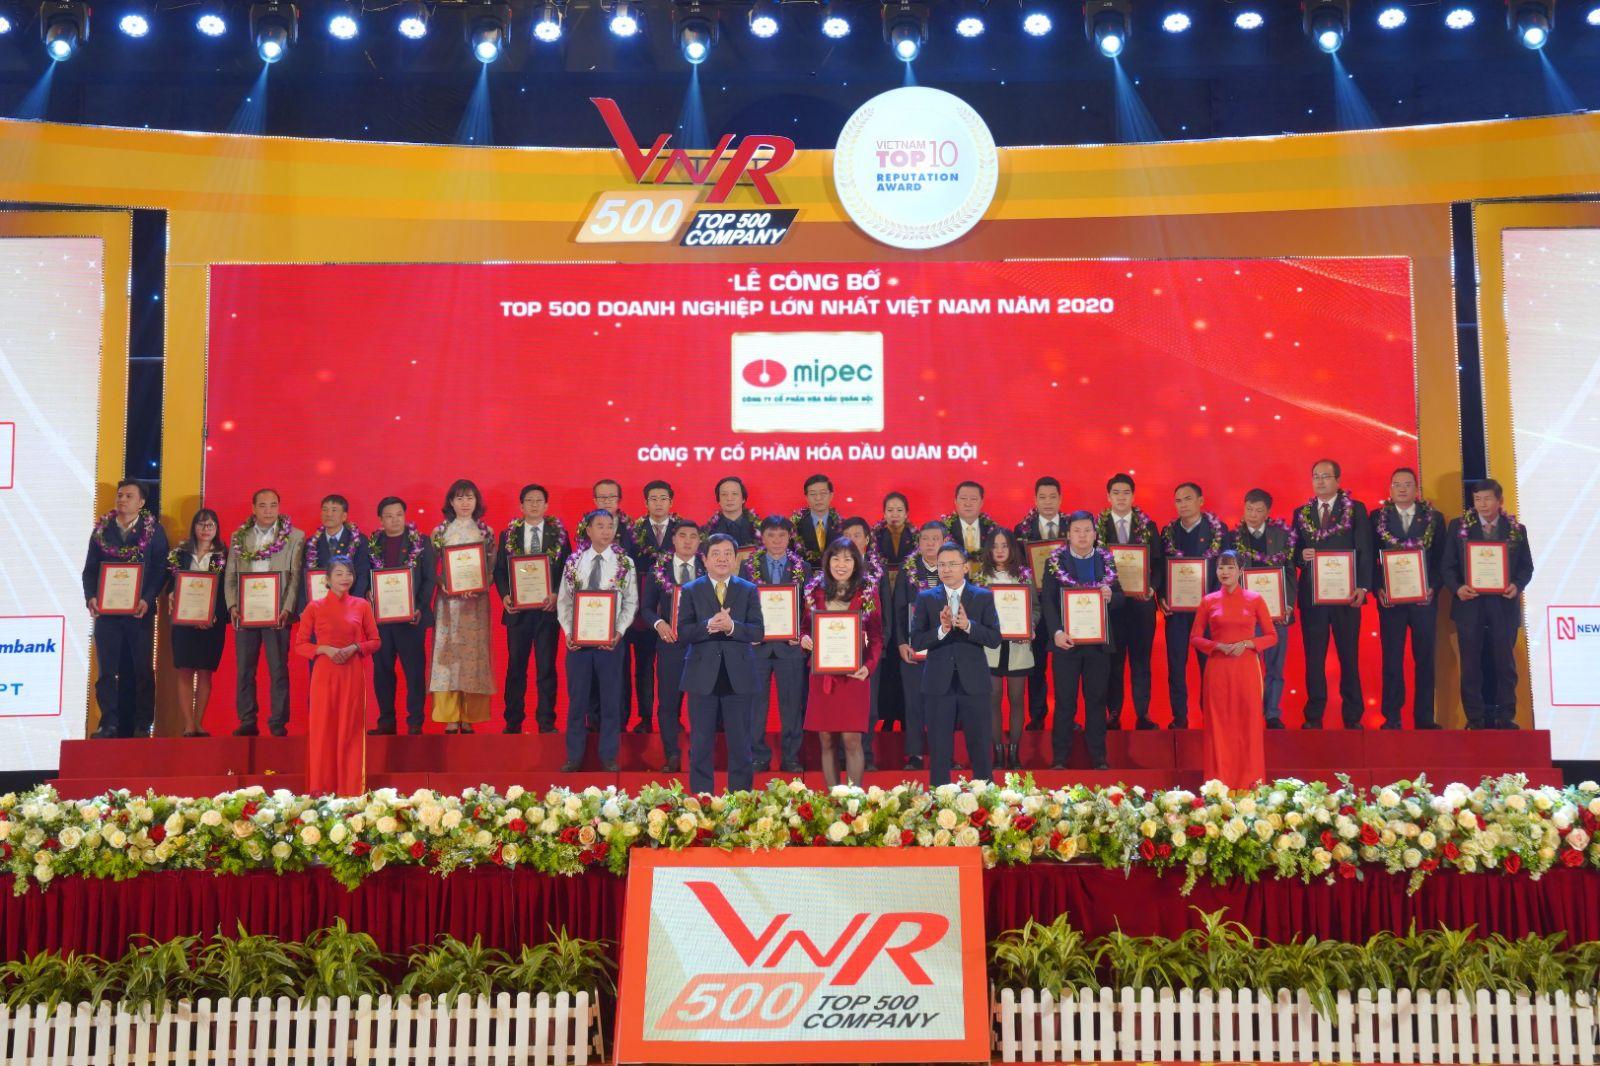 Mipec được vinh danh 12 năm liên tiếp trong bảng xếp hạng VNR500